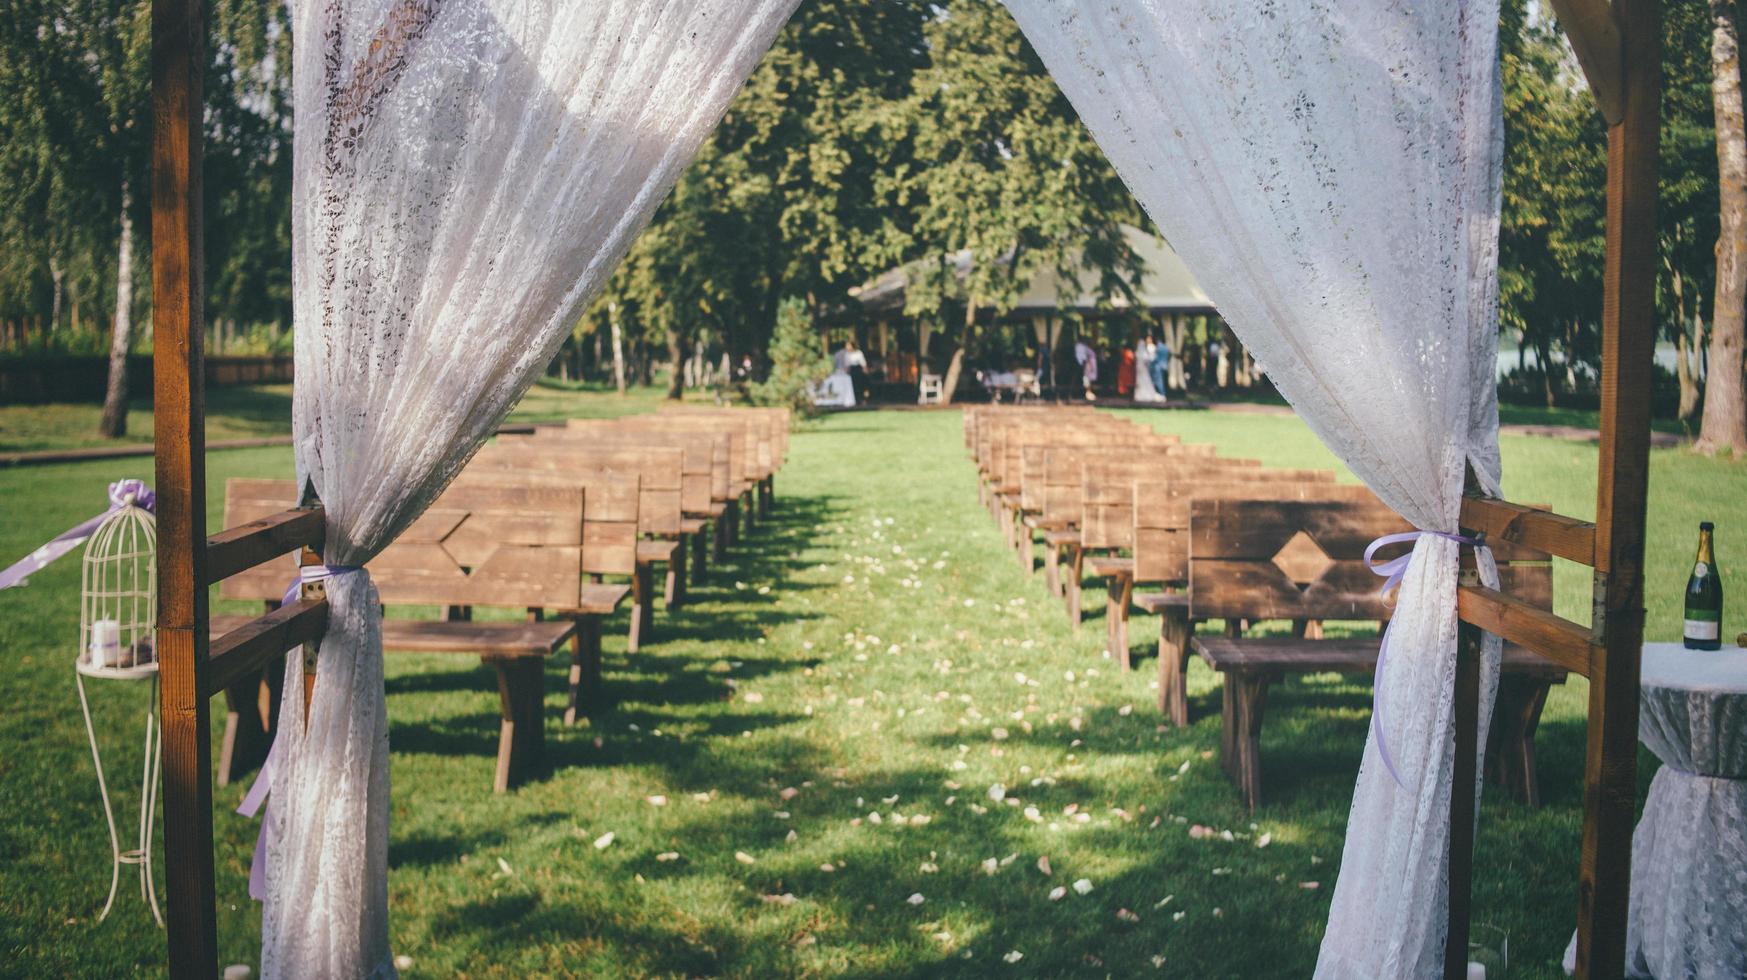 bröllop båge med bröllopsfest i bakgrunden foto